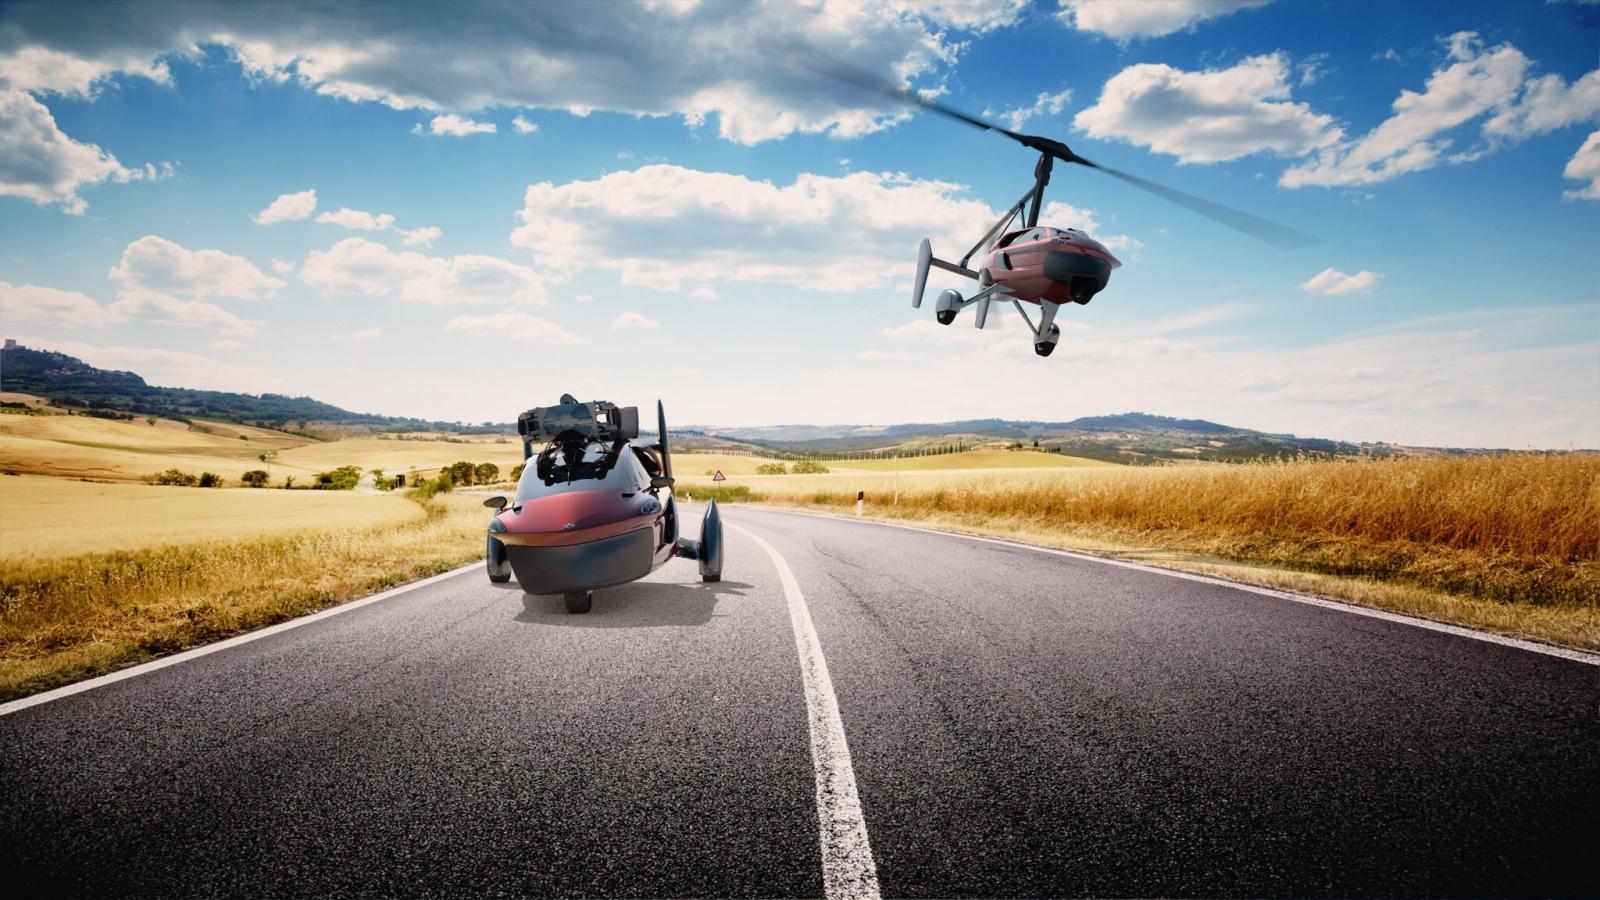 PAL-V road and air